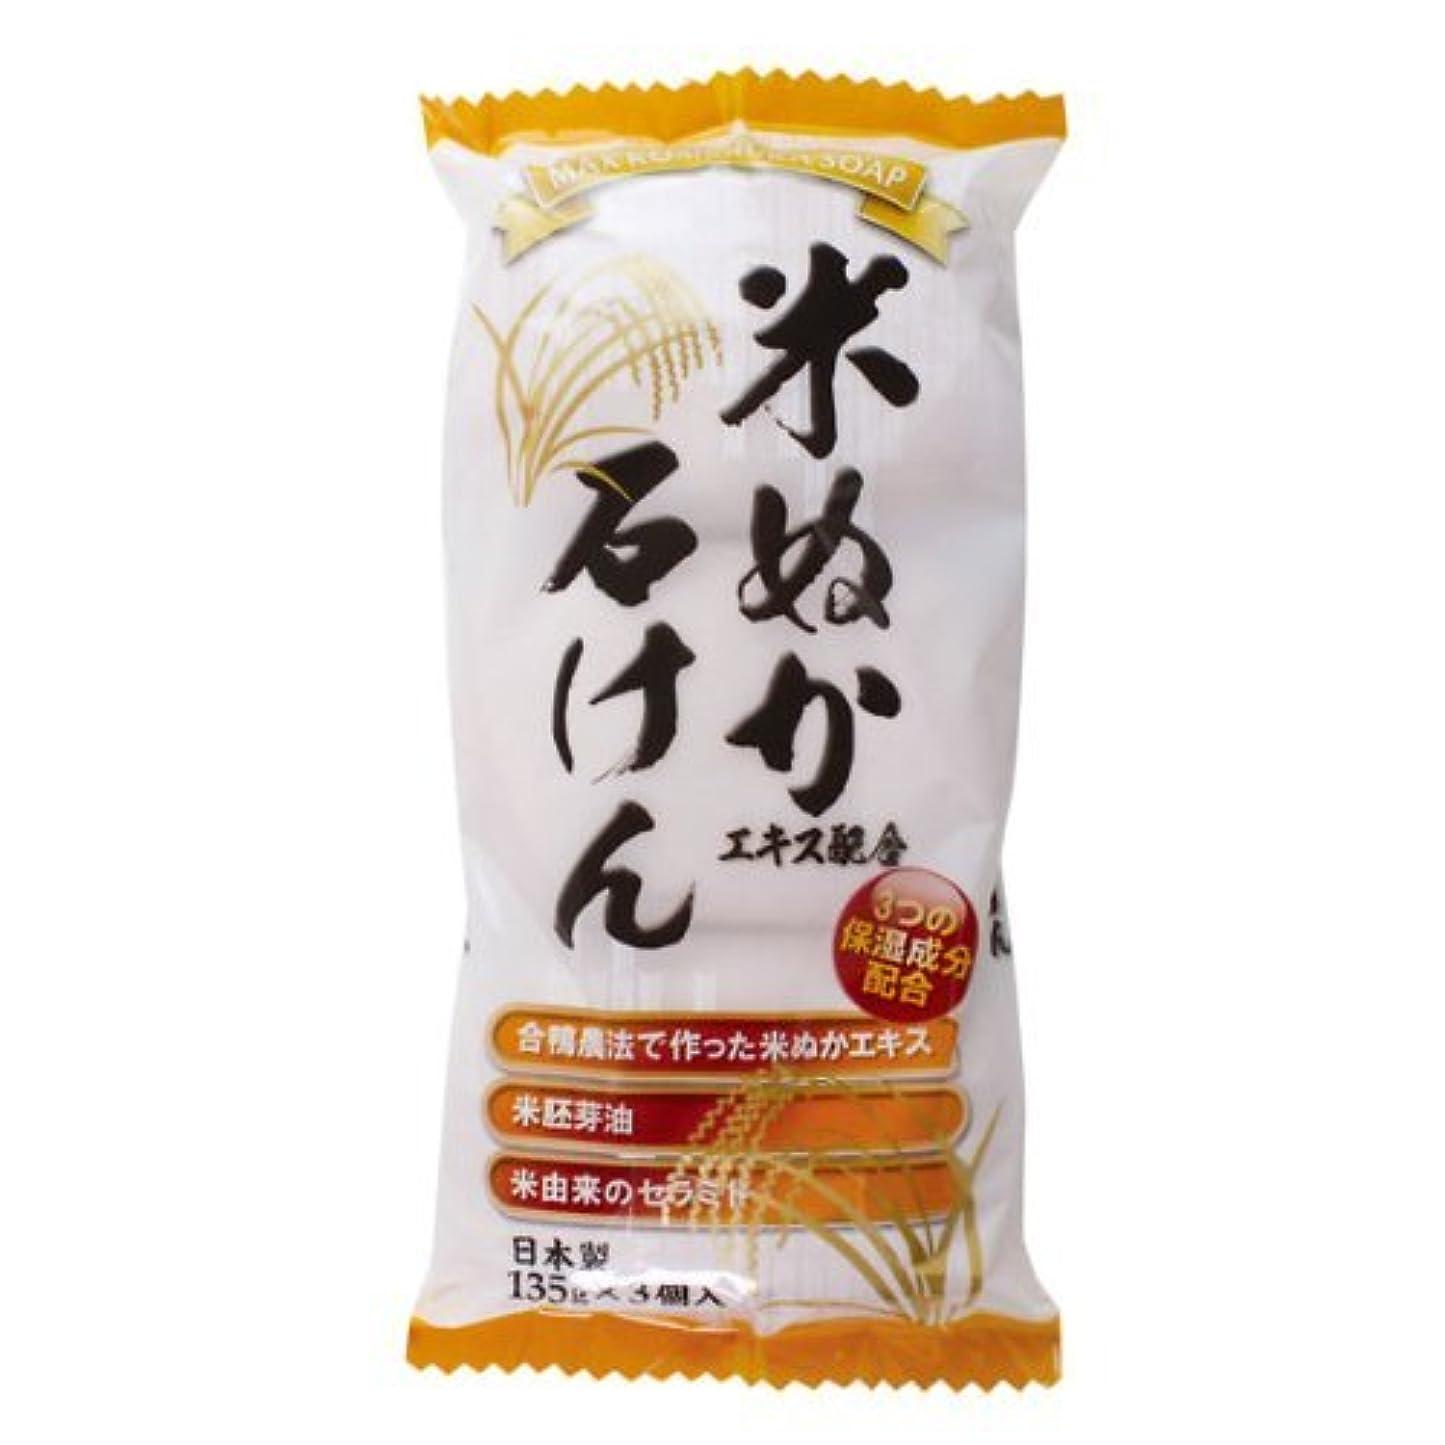 コック革命的メトロポリタン米ぬかエキス配合石けん 3個入 135g×3個